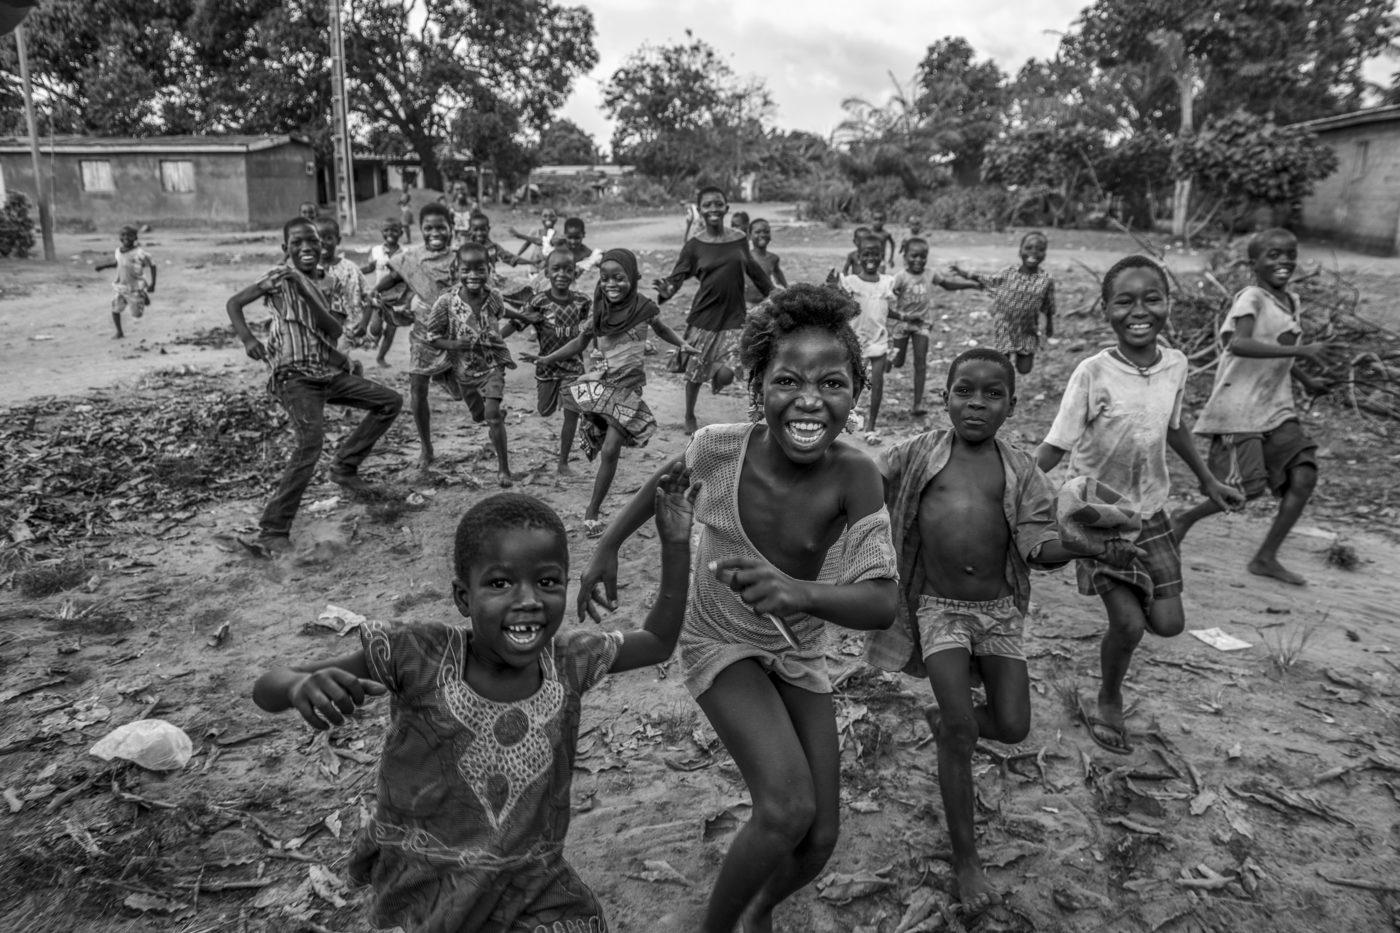 Medalla de Oro mejor fotógrafo europeo del año 2019 Marcos Rodríguez